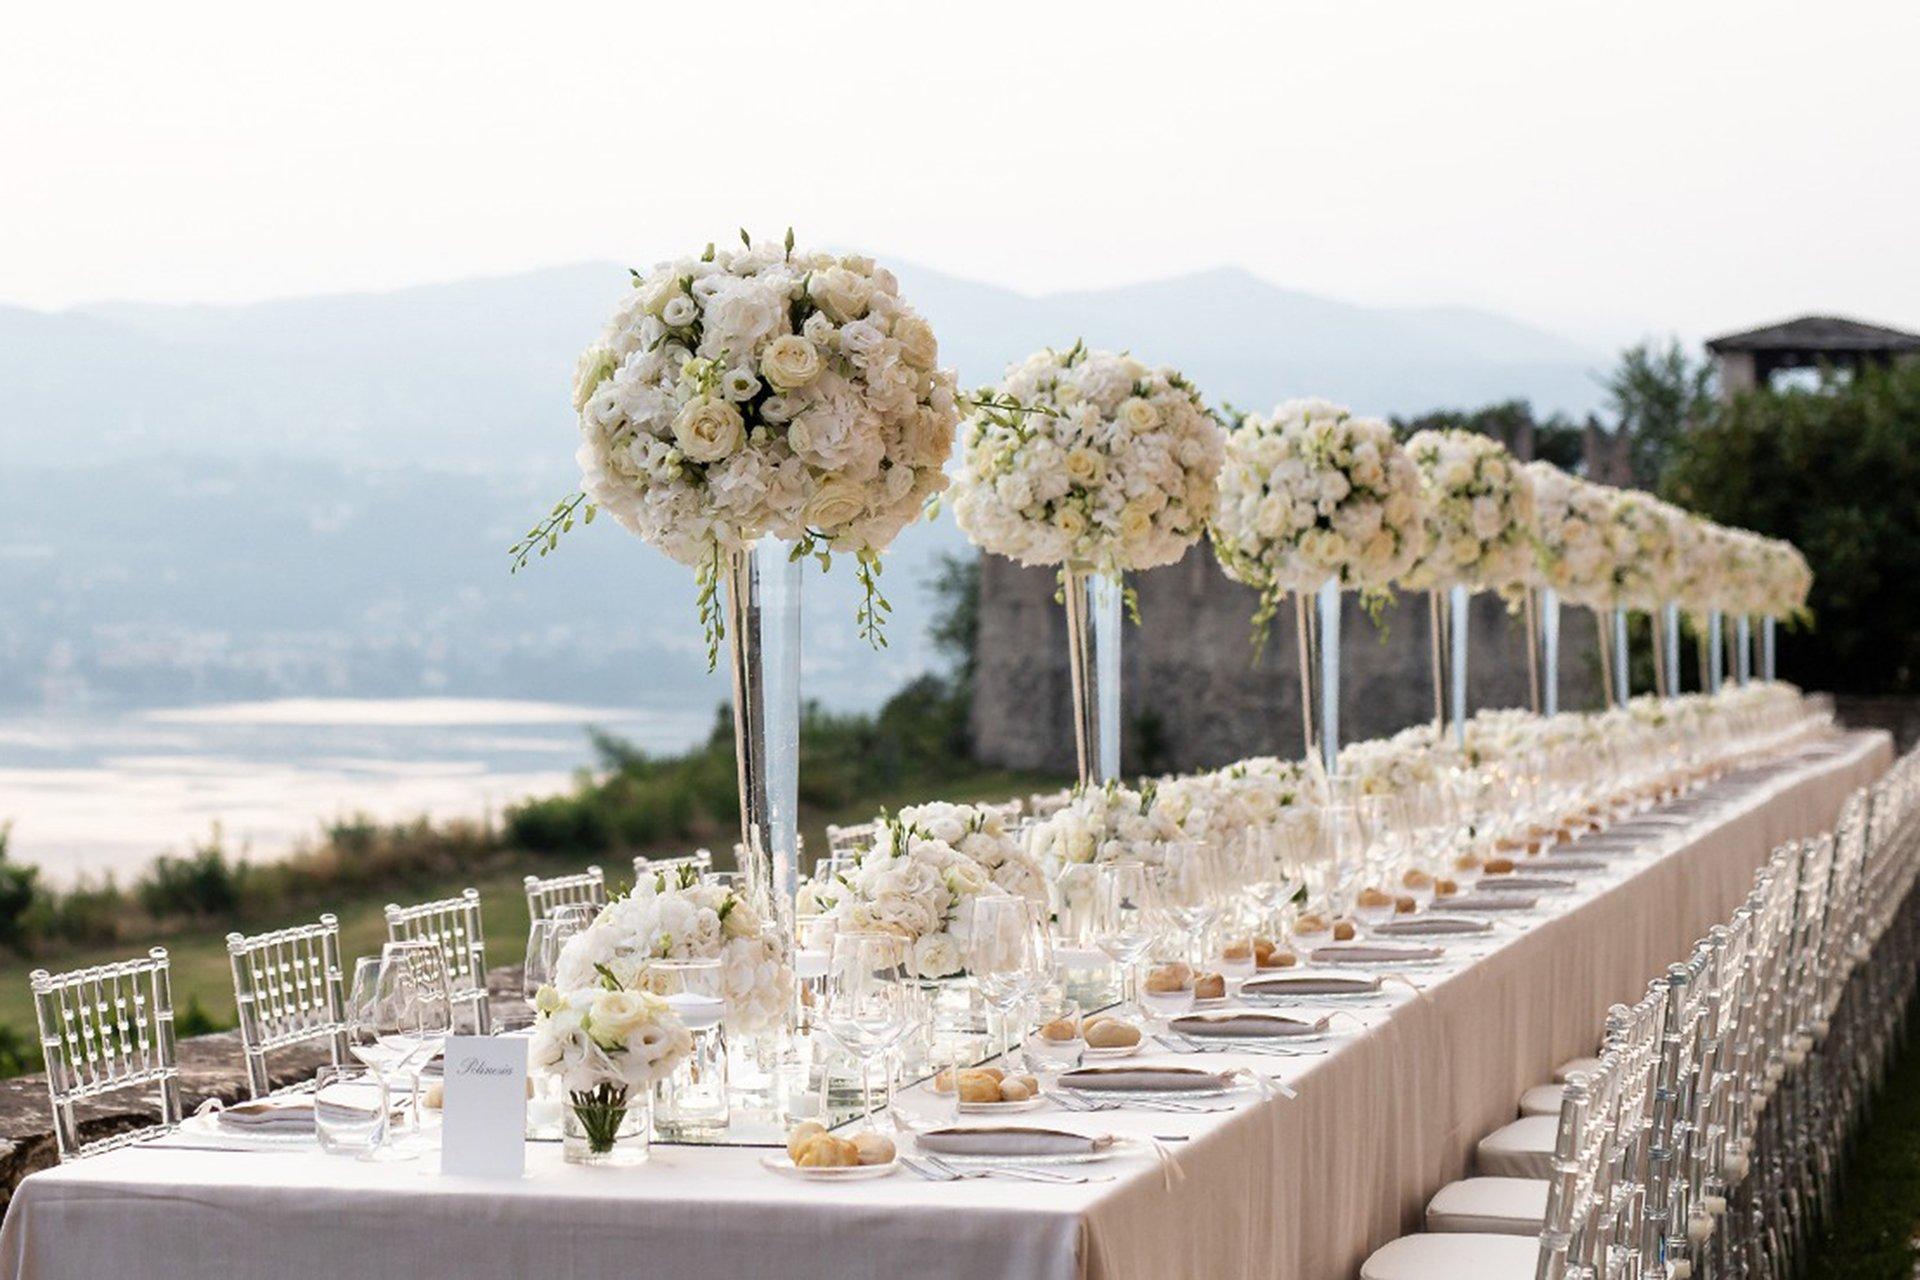 A fairy-tale wedding in an Italian castle